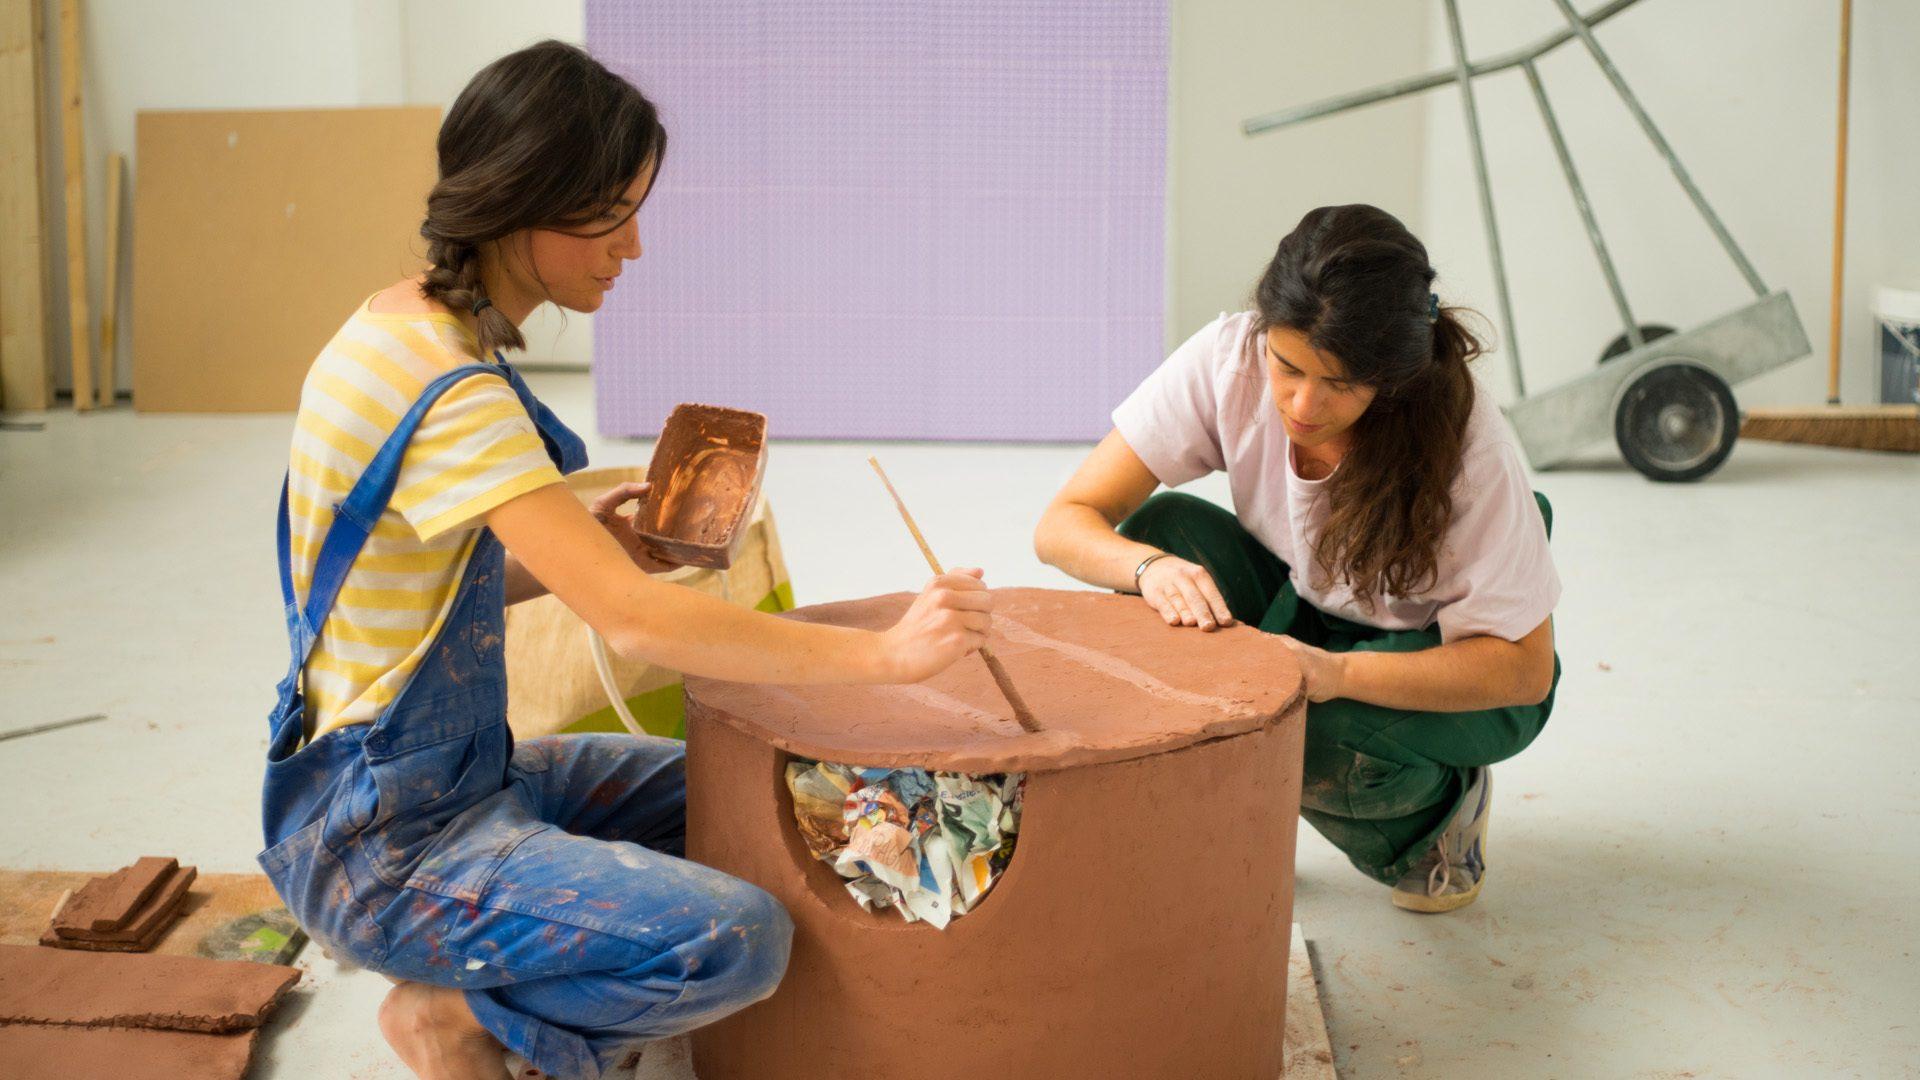 Un « Bouillons » de créativité : la terre des céramiques vient d'Alsace et d'Allemagne